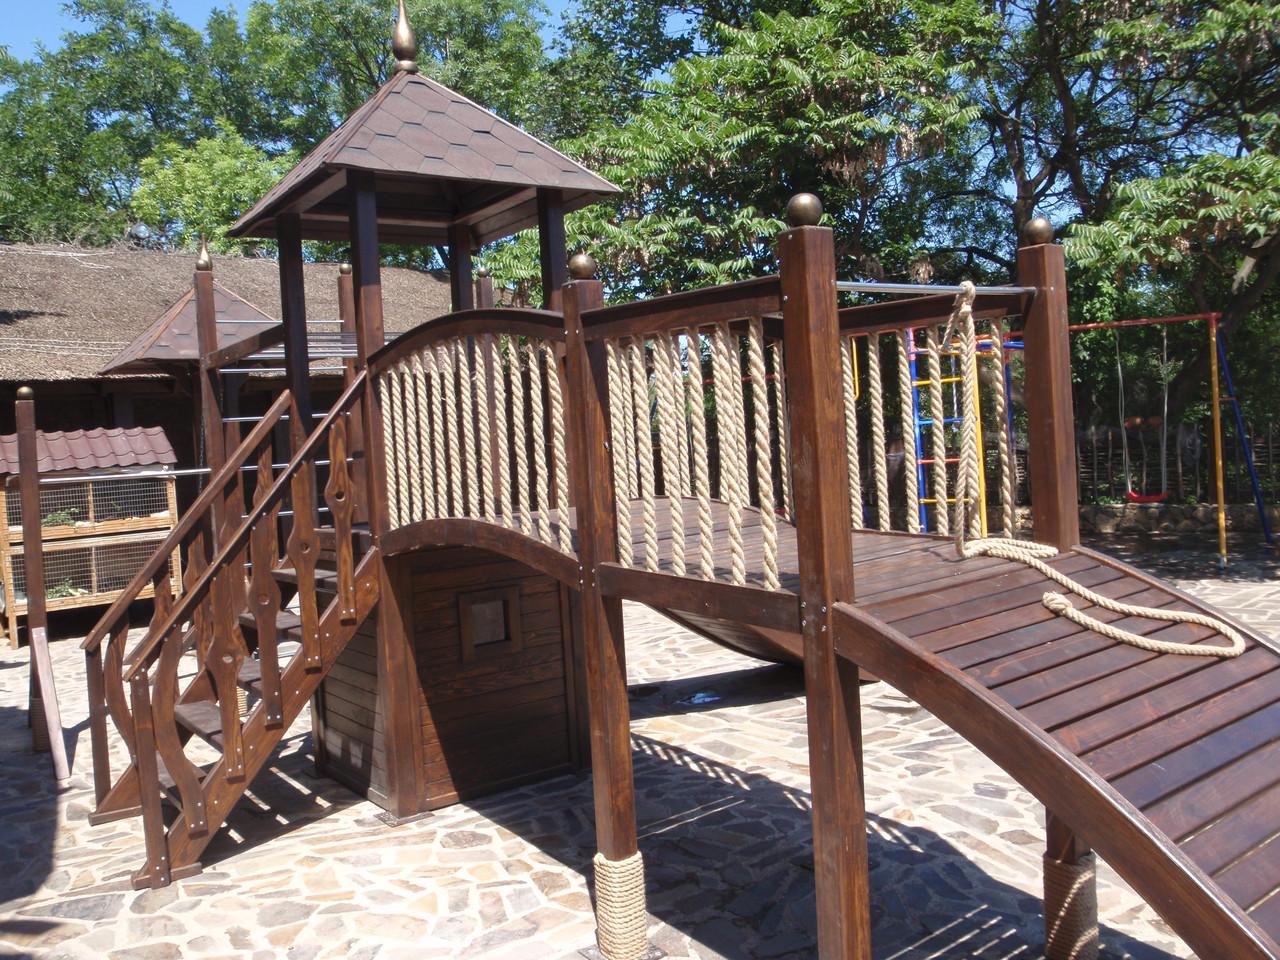 Деревянная детская площадка - АРТ-БАСТИОН в Киеве